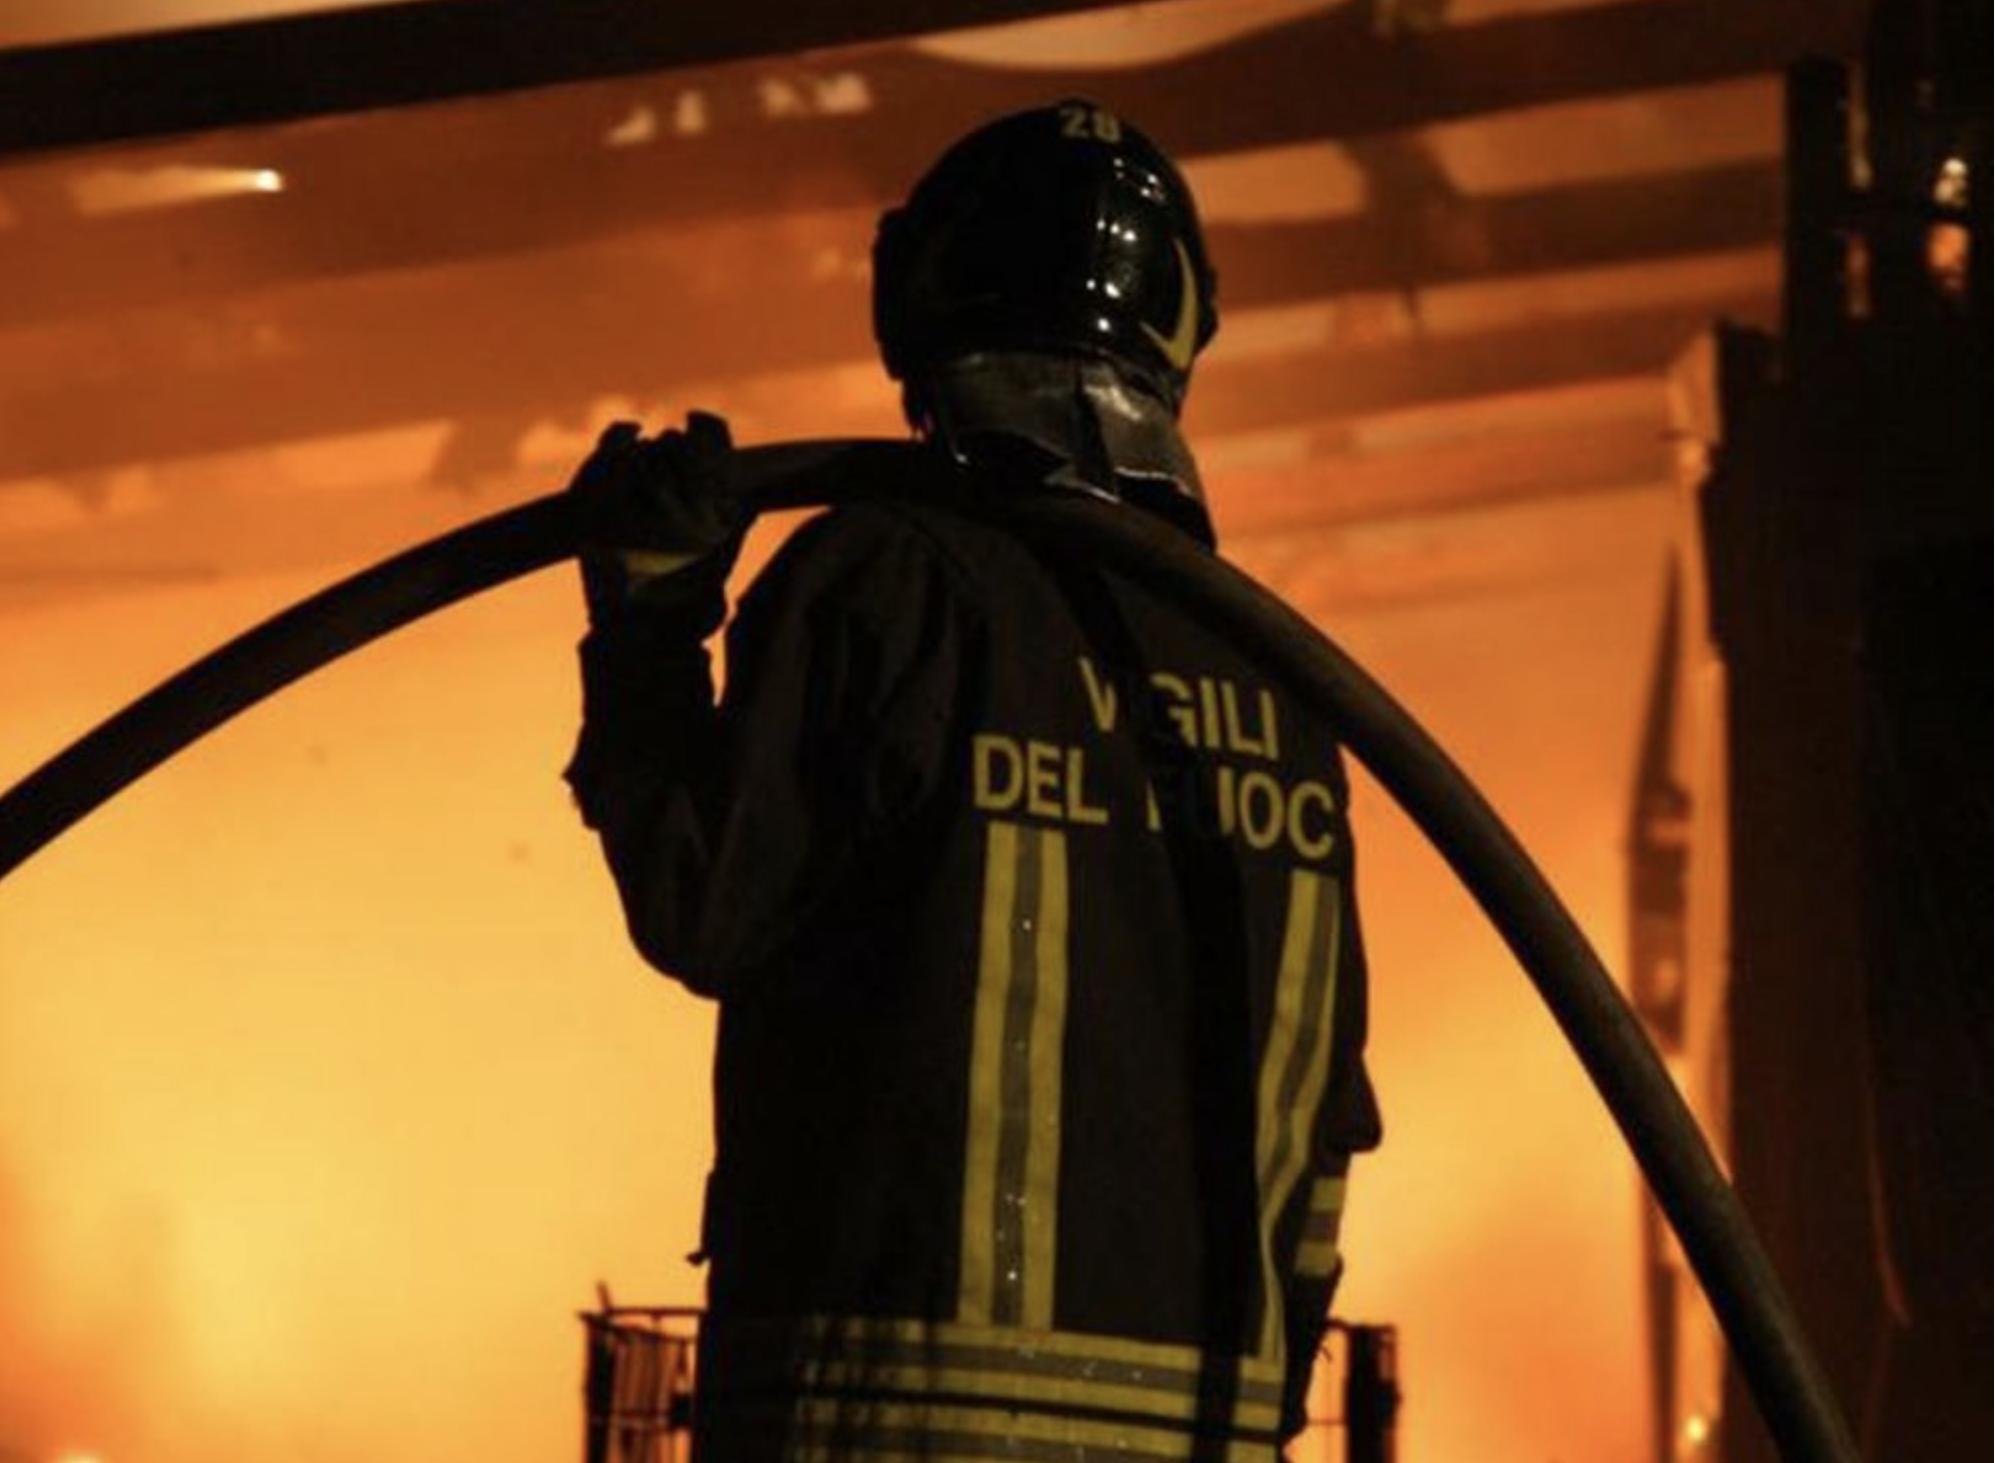 Incendio di silos – lo scarico di materiale